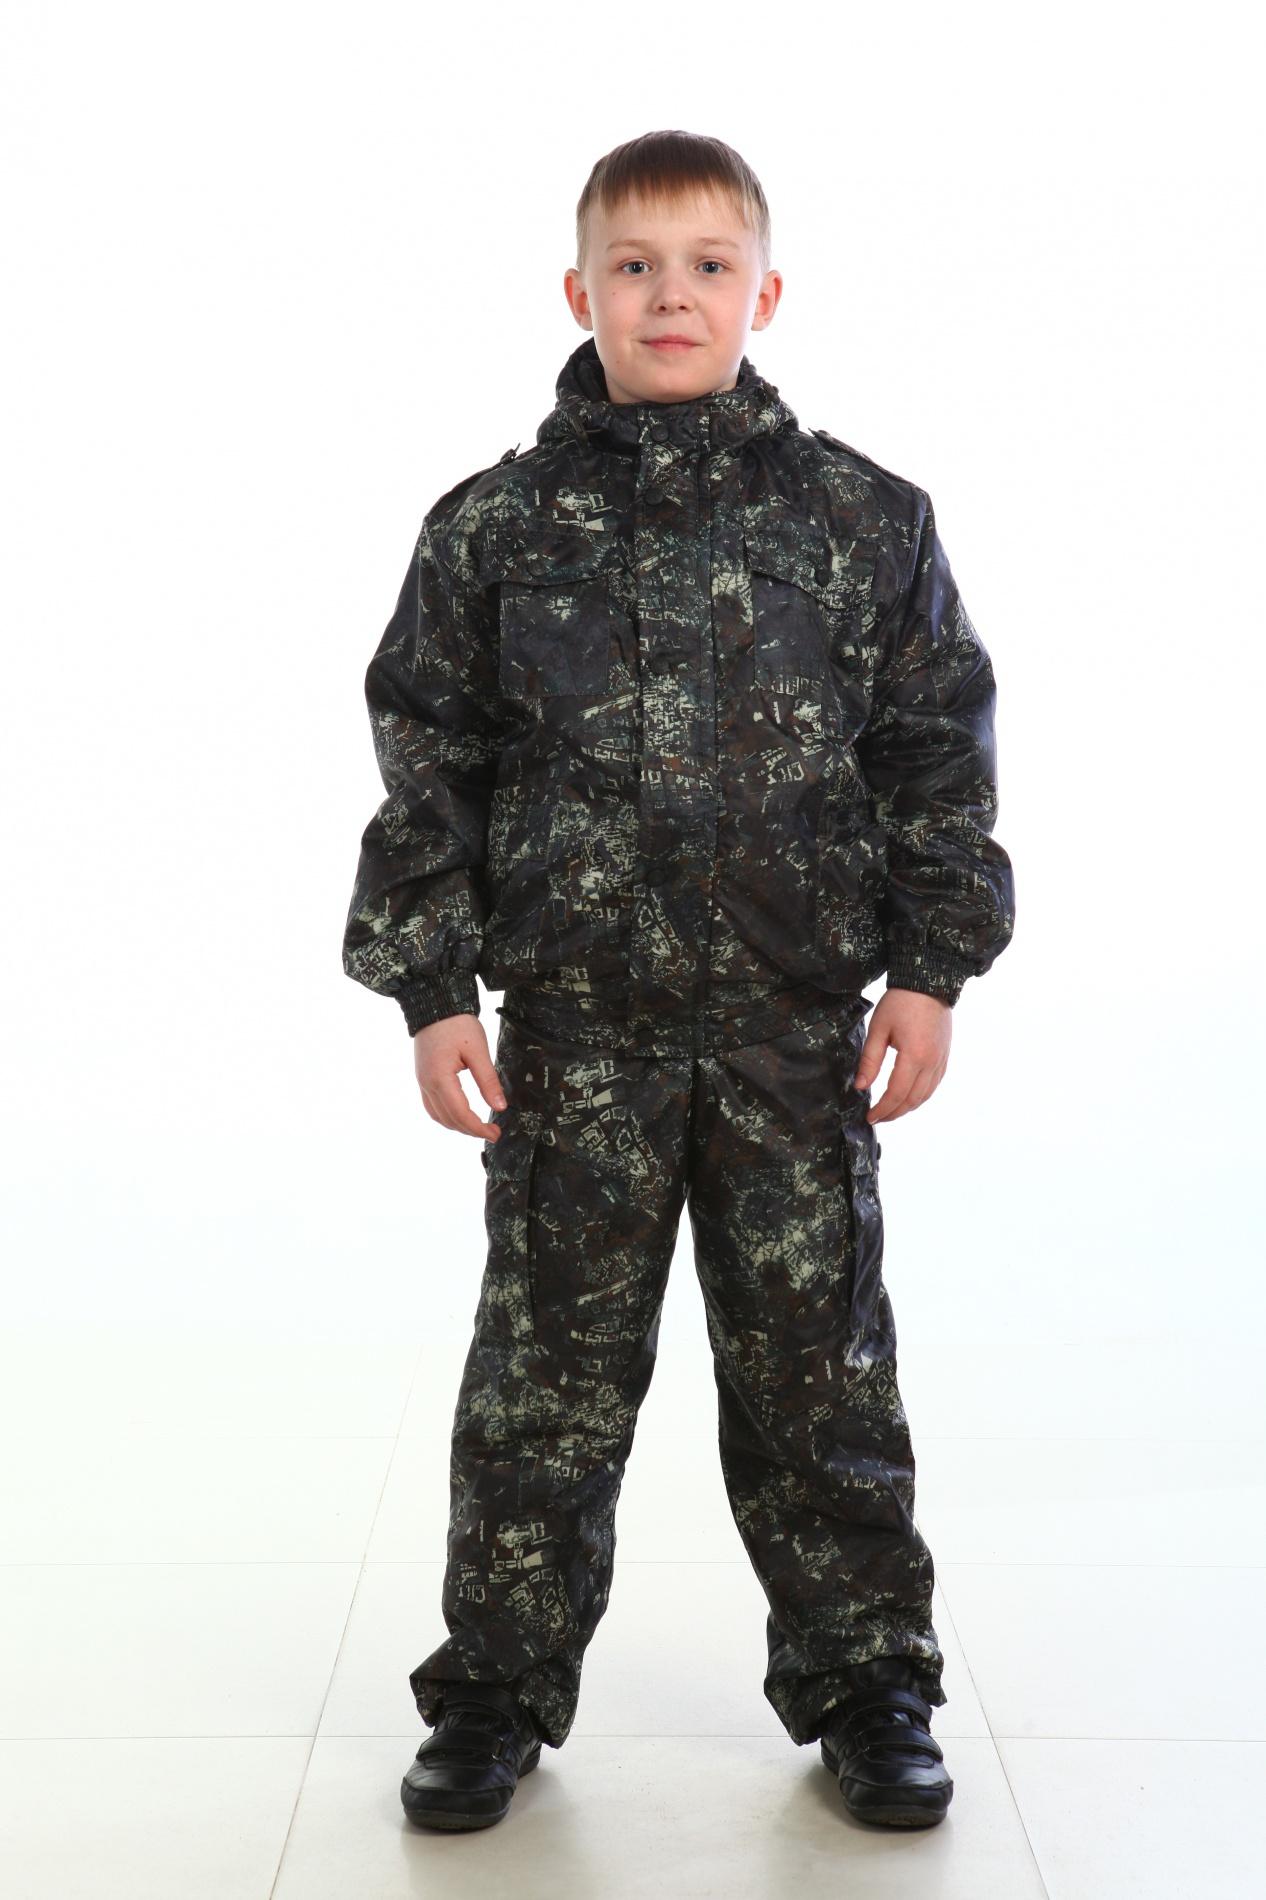 Костюм демисезонный детский Юный следопытКостюмы утепленные<br>Демисезонный костюм - Капюшон с регулировкой <br>лицевой части по высоте резиновым шнуром; <br>- Фронтальная молния , закрытая ветрозащитной <br>планкой, застегивающейся на кнопки; - Декоративные <br>погоны; - Количество карманов 8; - Регулировочная <br>пата на рукаве на липучке; - Регулировка <br>низа по ширине резиновым шнуром. Ткань верха: <br>Ткань Оксфорд(Oxford) Подкладка: Таффета 170Т <br>Утеплитель: Синтепон 150 гр/м2 Температурный <br>режим: от 2 до 10°С<br><br>Сезон: демисезонный<br>Материал: Оксфорд (100% полиэфир), пл. 240г/м2